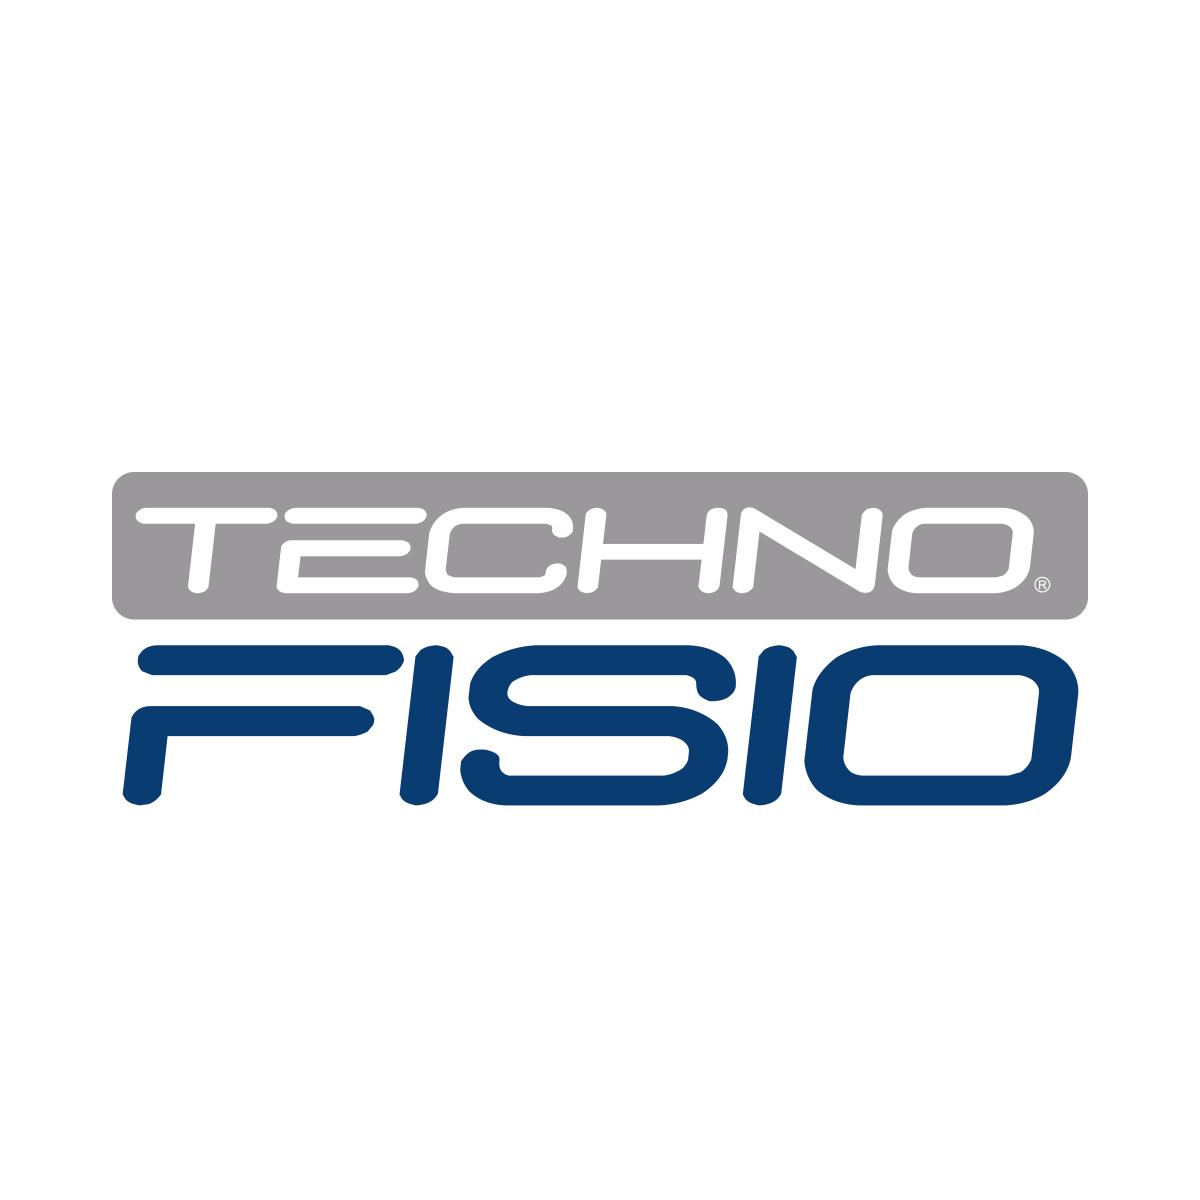 Logo TECHNO FISIO